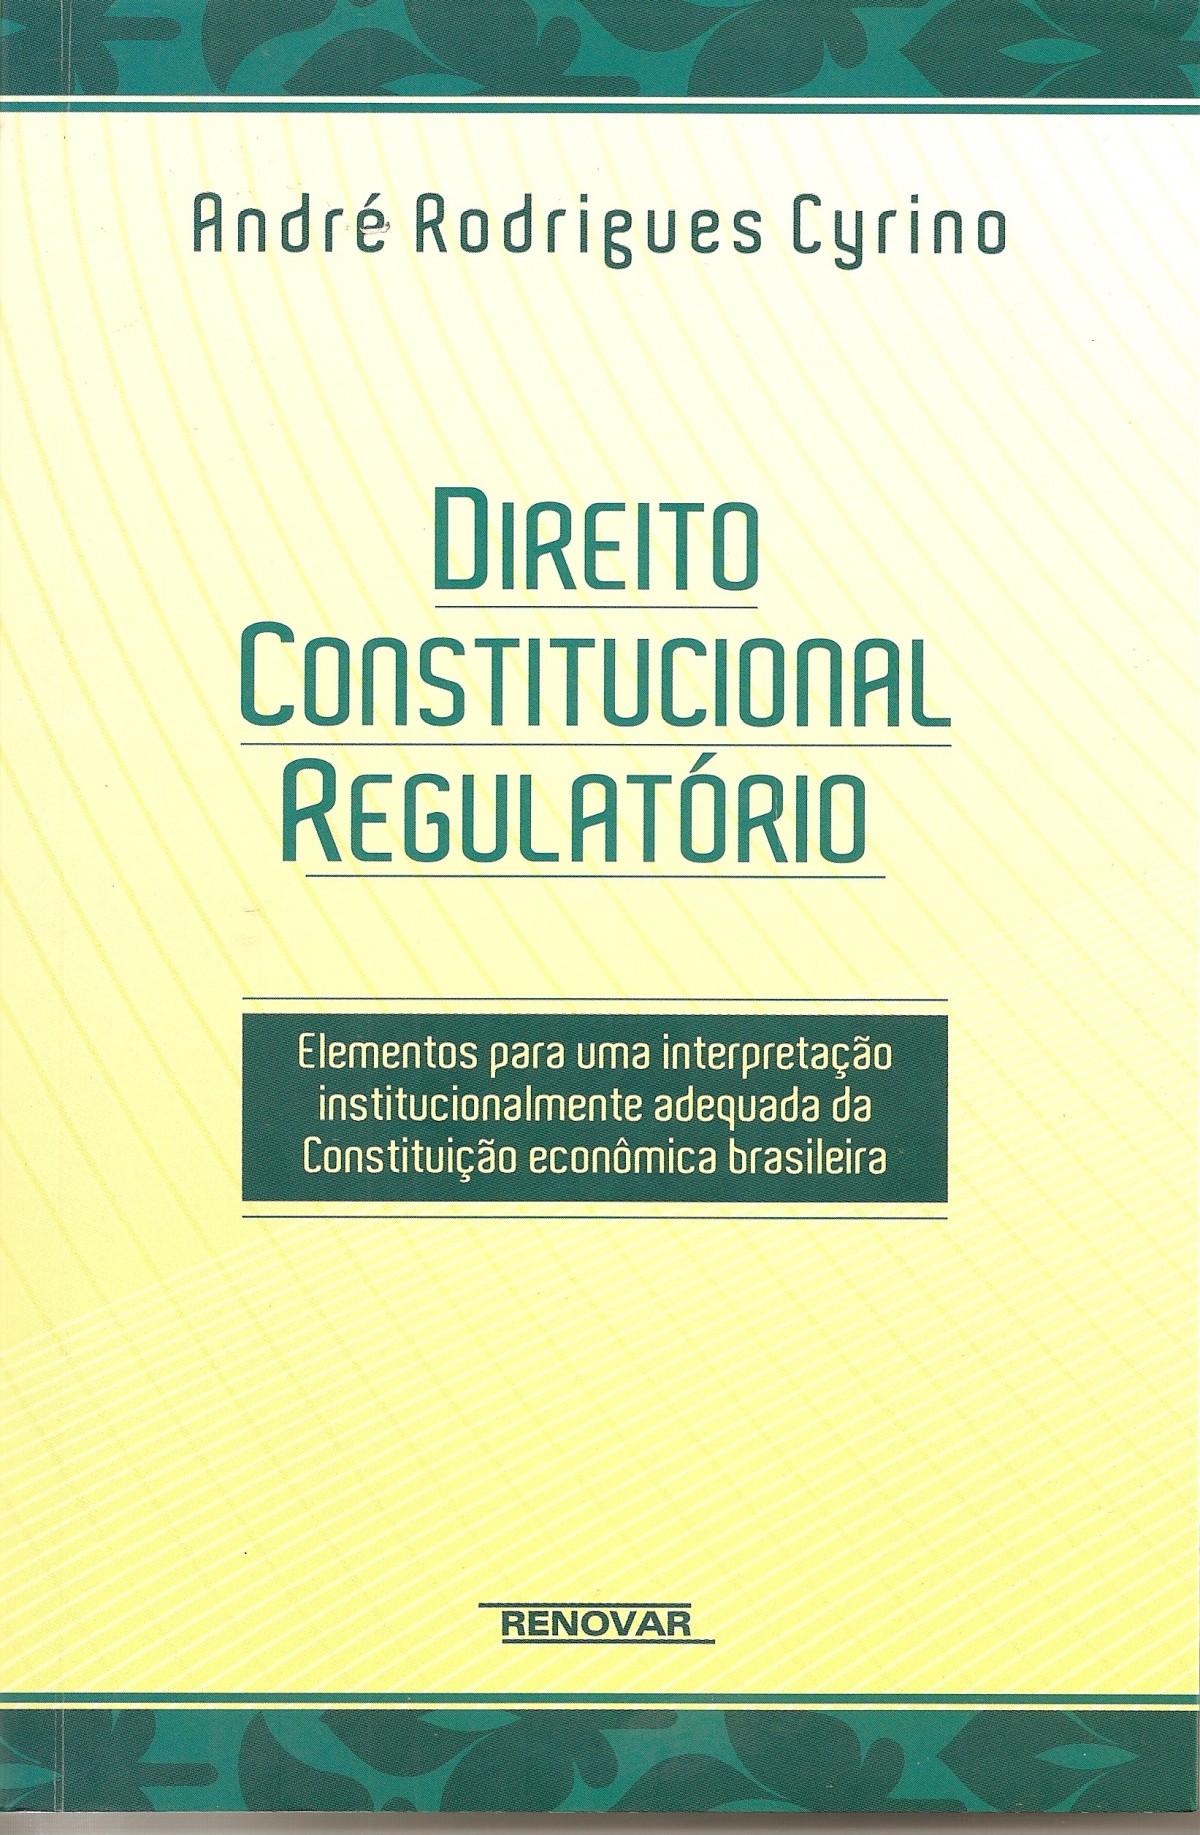 Foto 1 - Direito Constitucional Regulatório